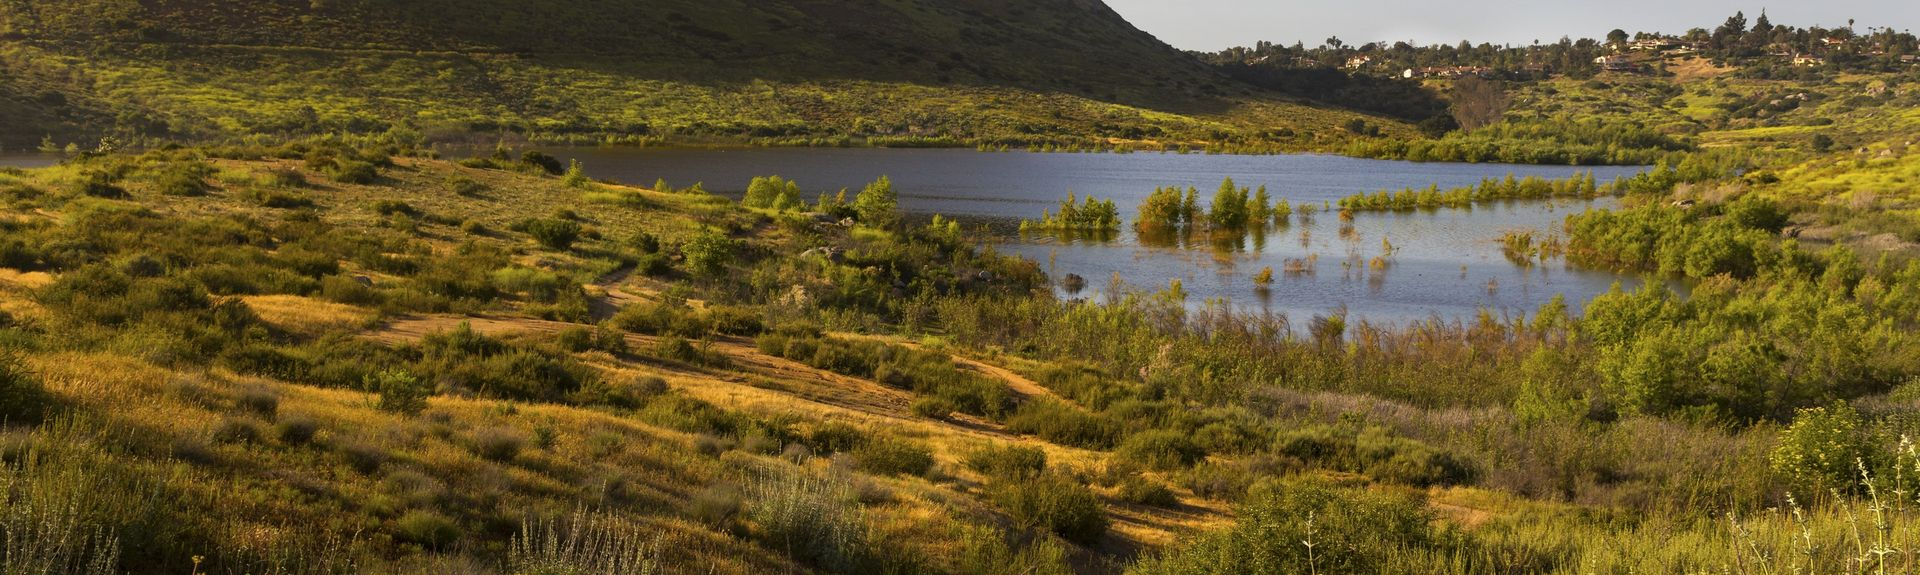 Rancho Bernardo (San Diego, California, Estados Unidos)